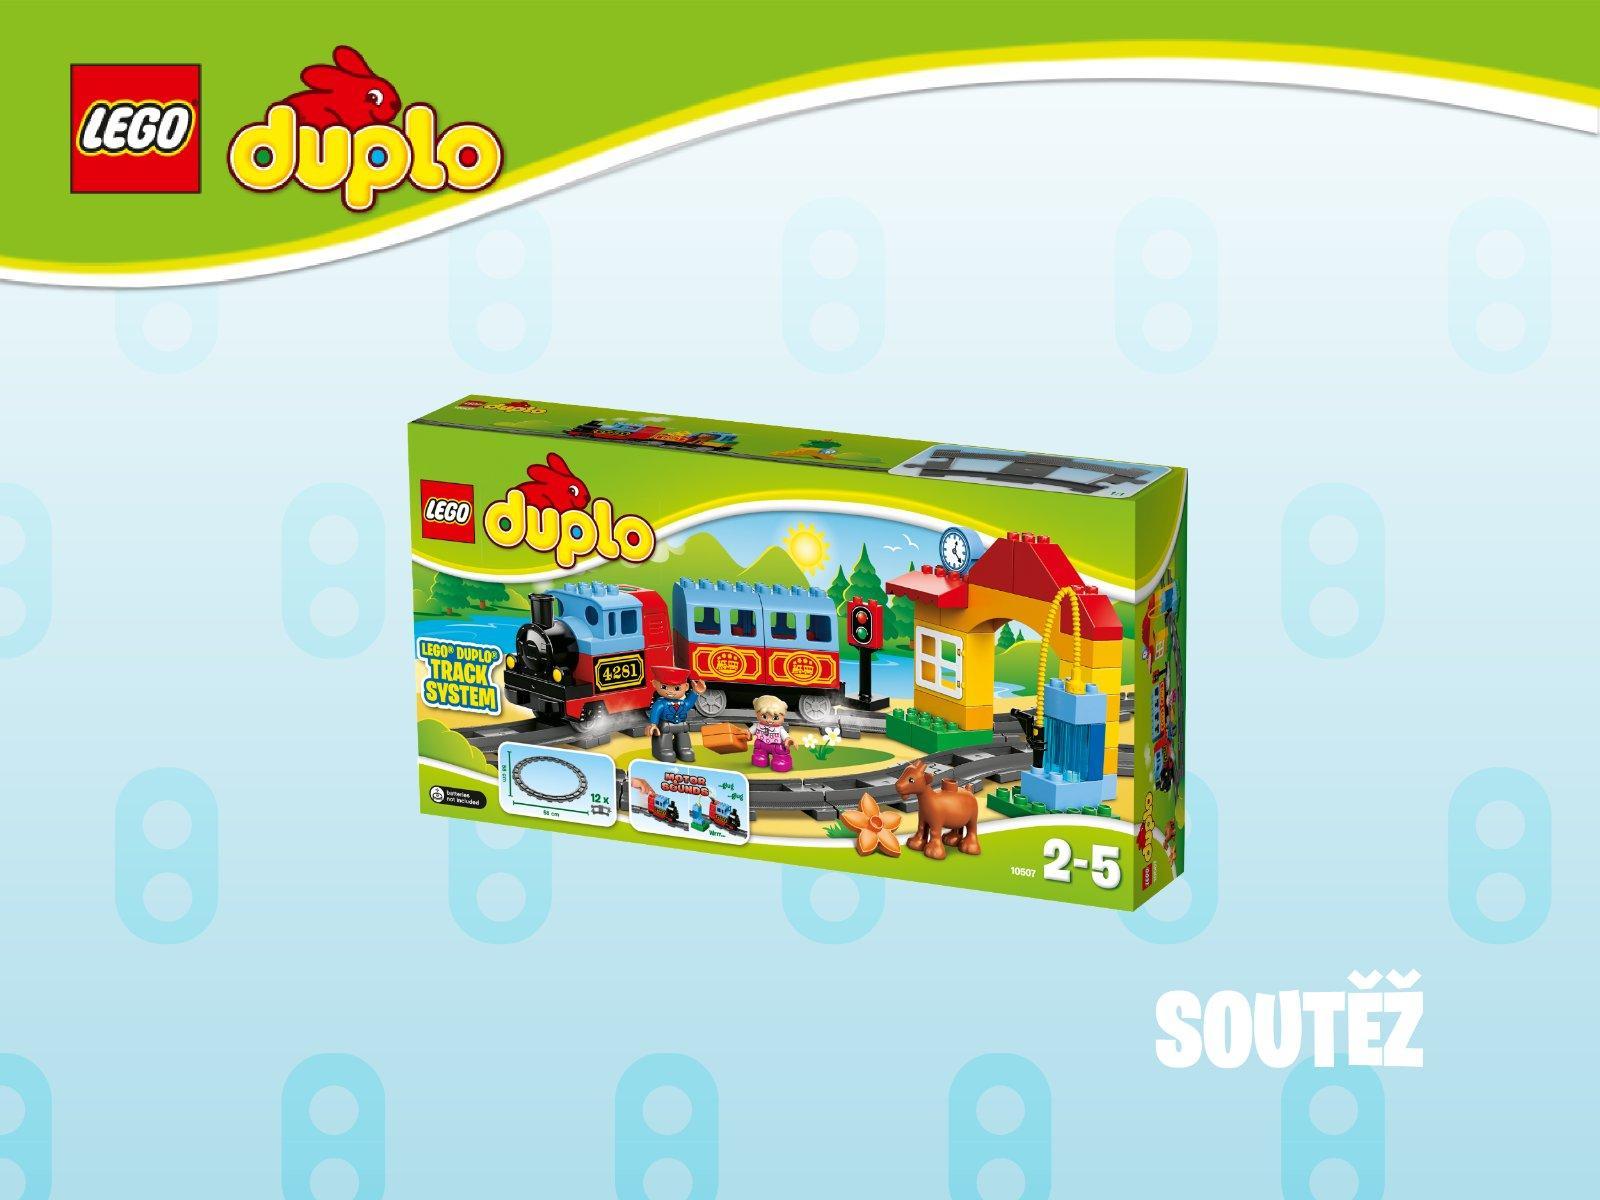 SOUTĚŽ o LEGO DUPLO Můj první vláček! 🙂 - Modrý koník 9bedf3ddae